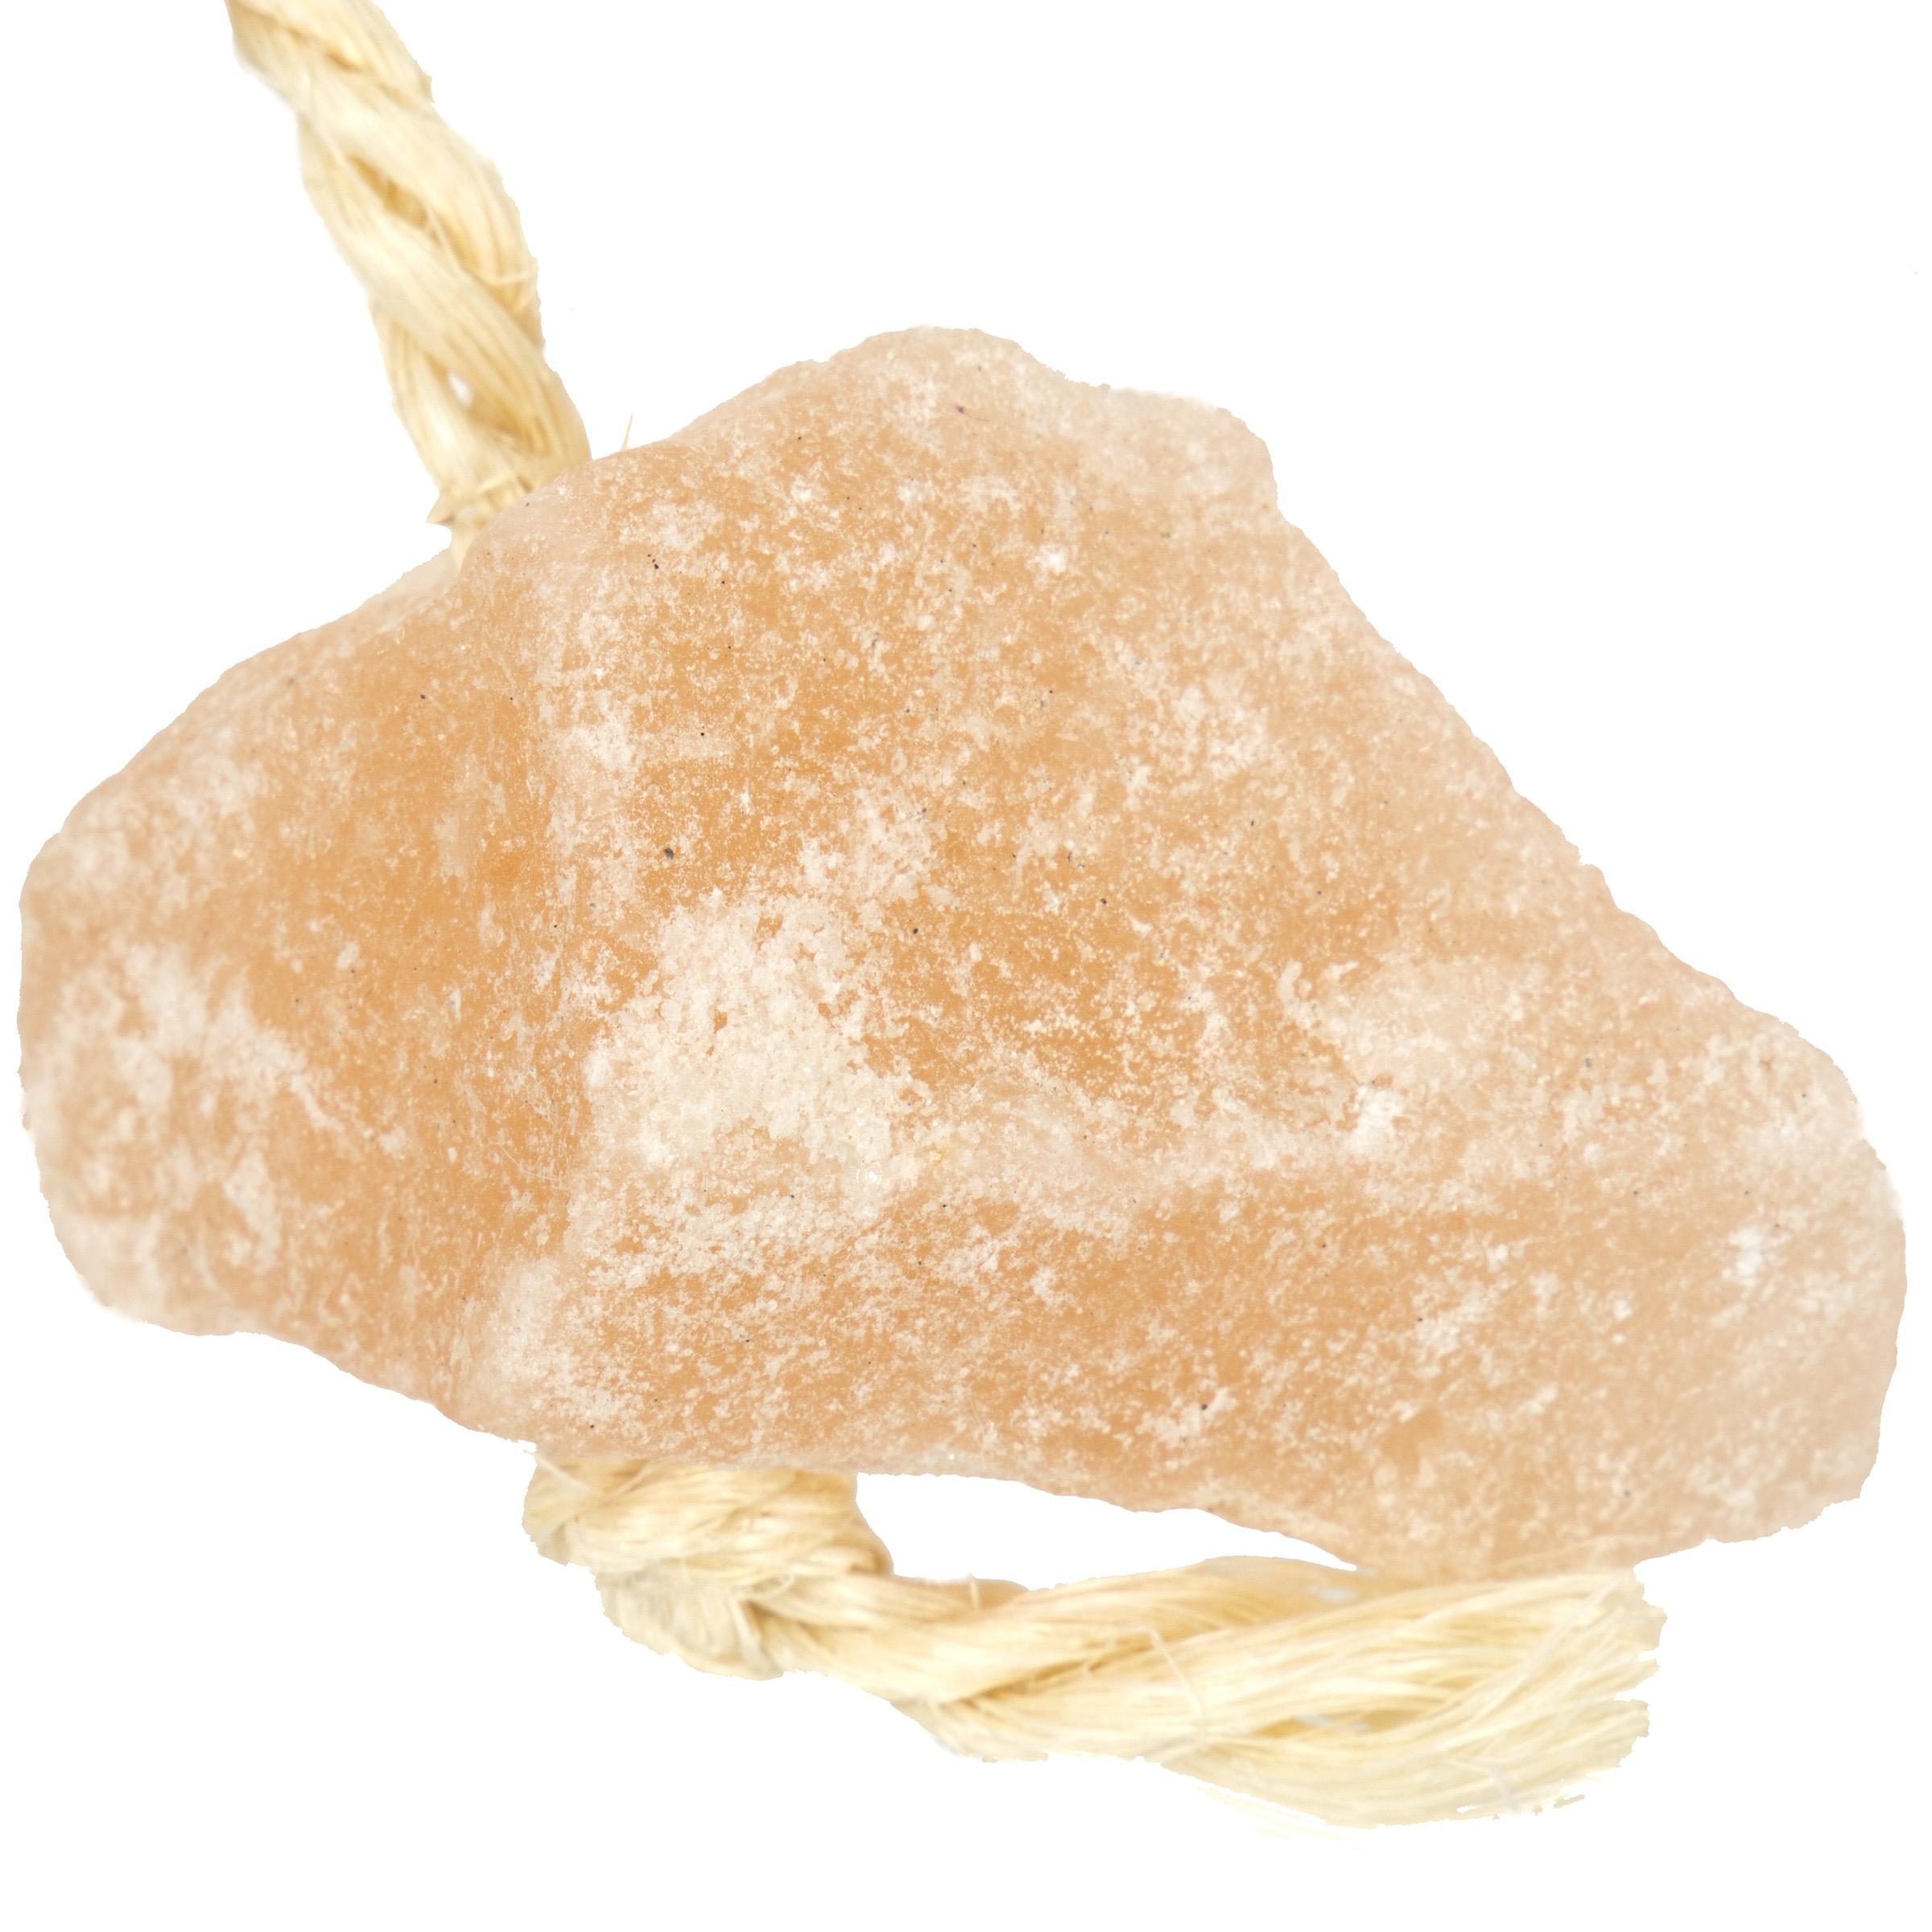 Himalayan Salt on a Rope